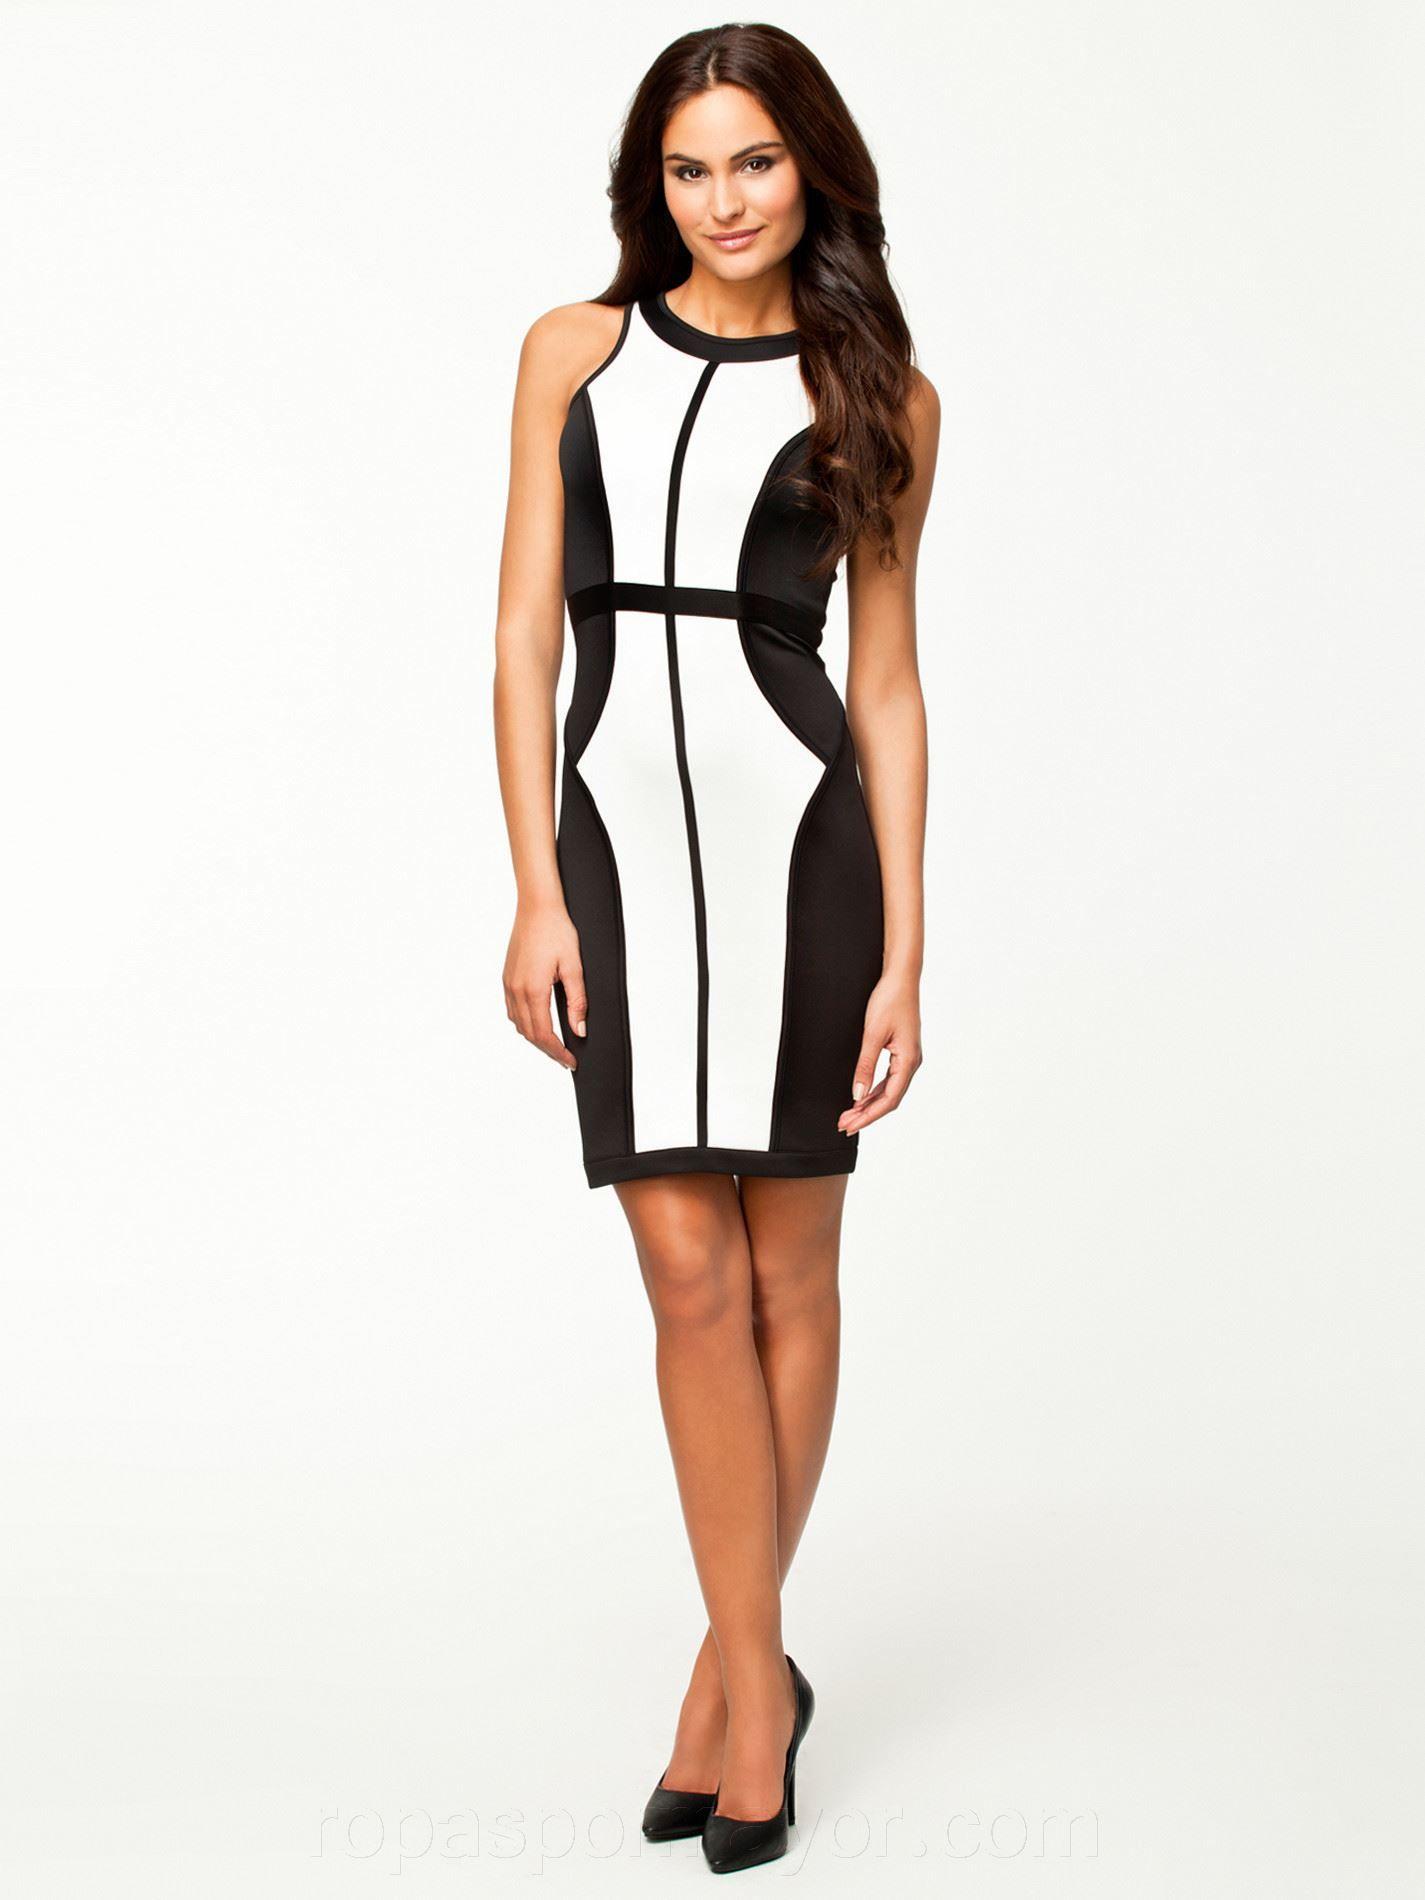 9976f52135 Resultado de imagen para vestido mujer cuerpo rectangular